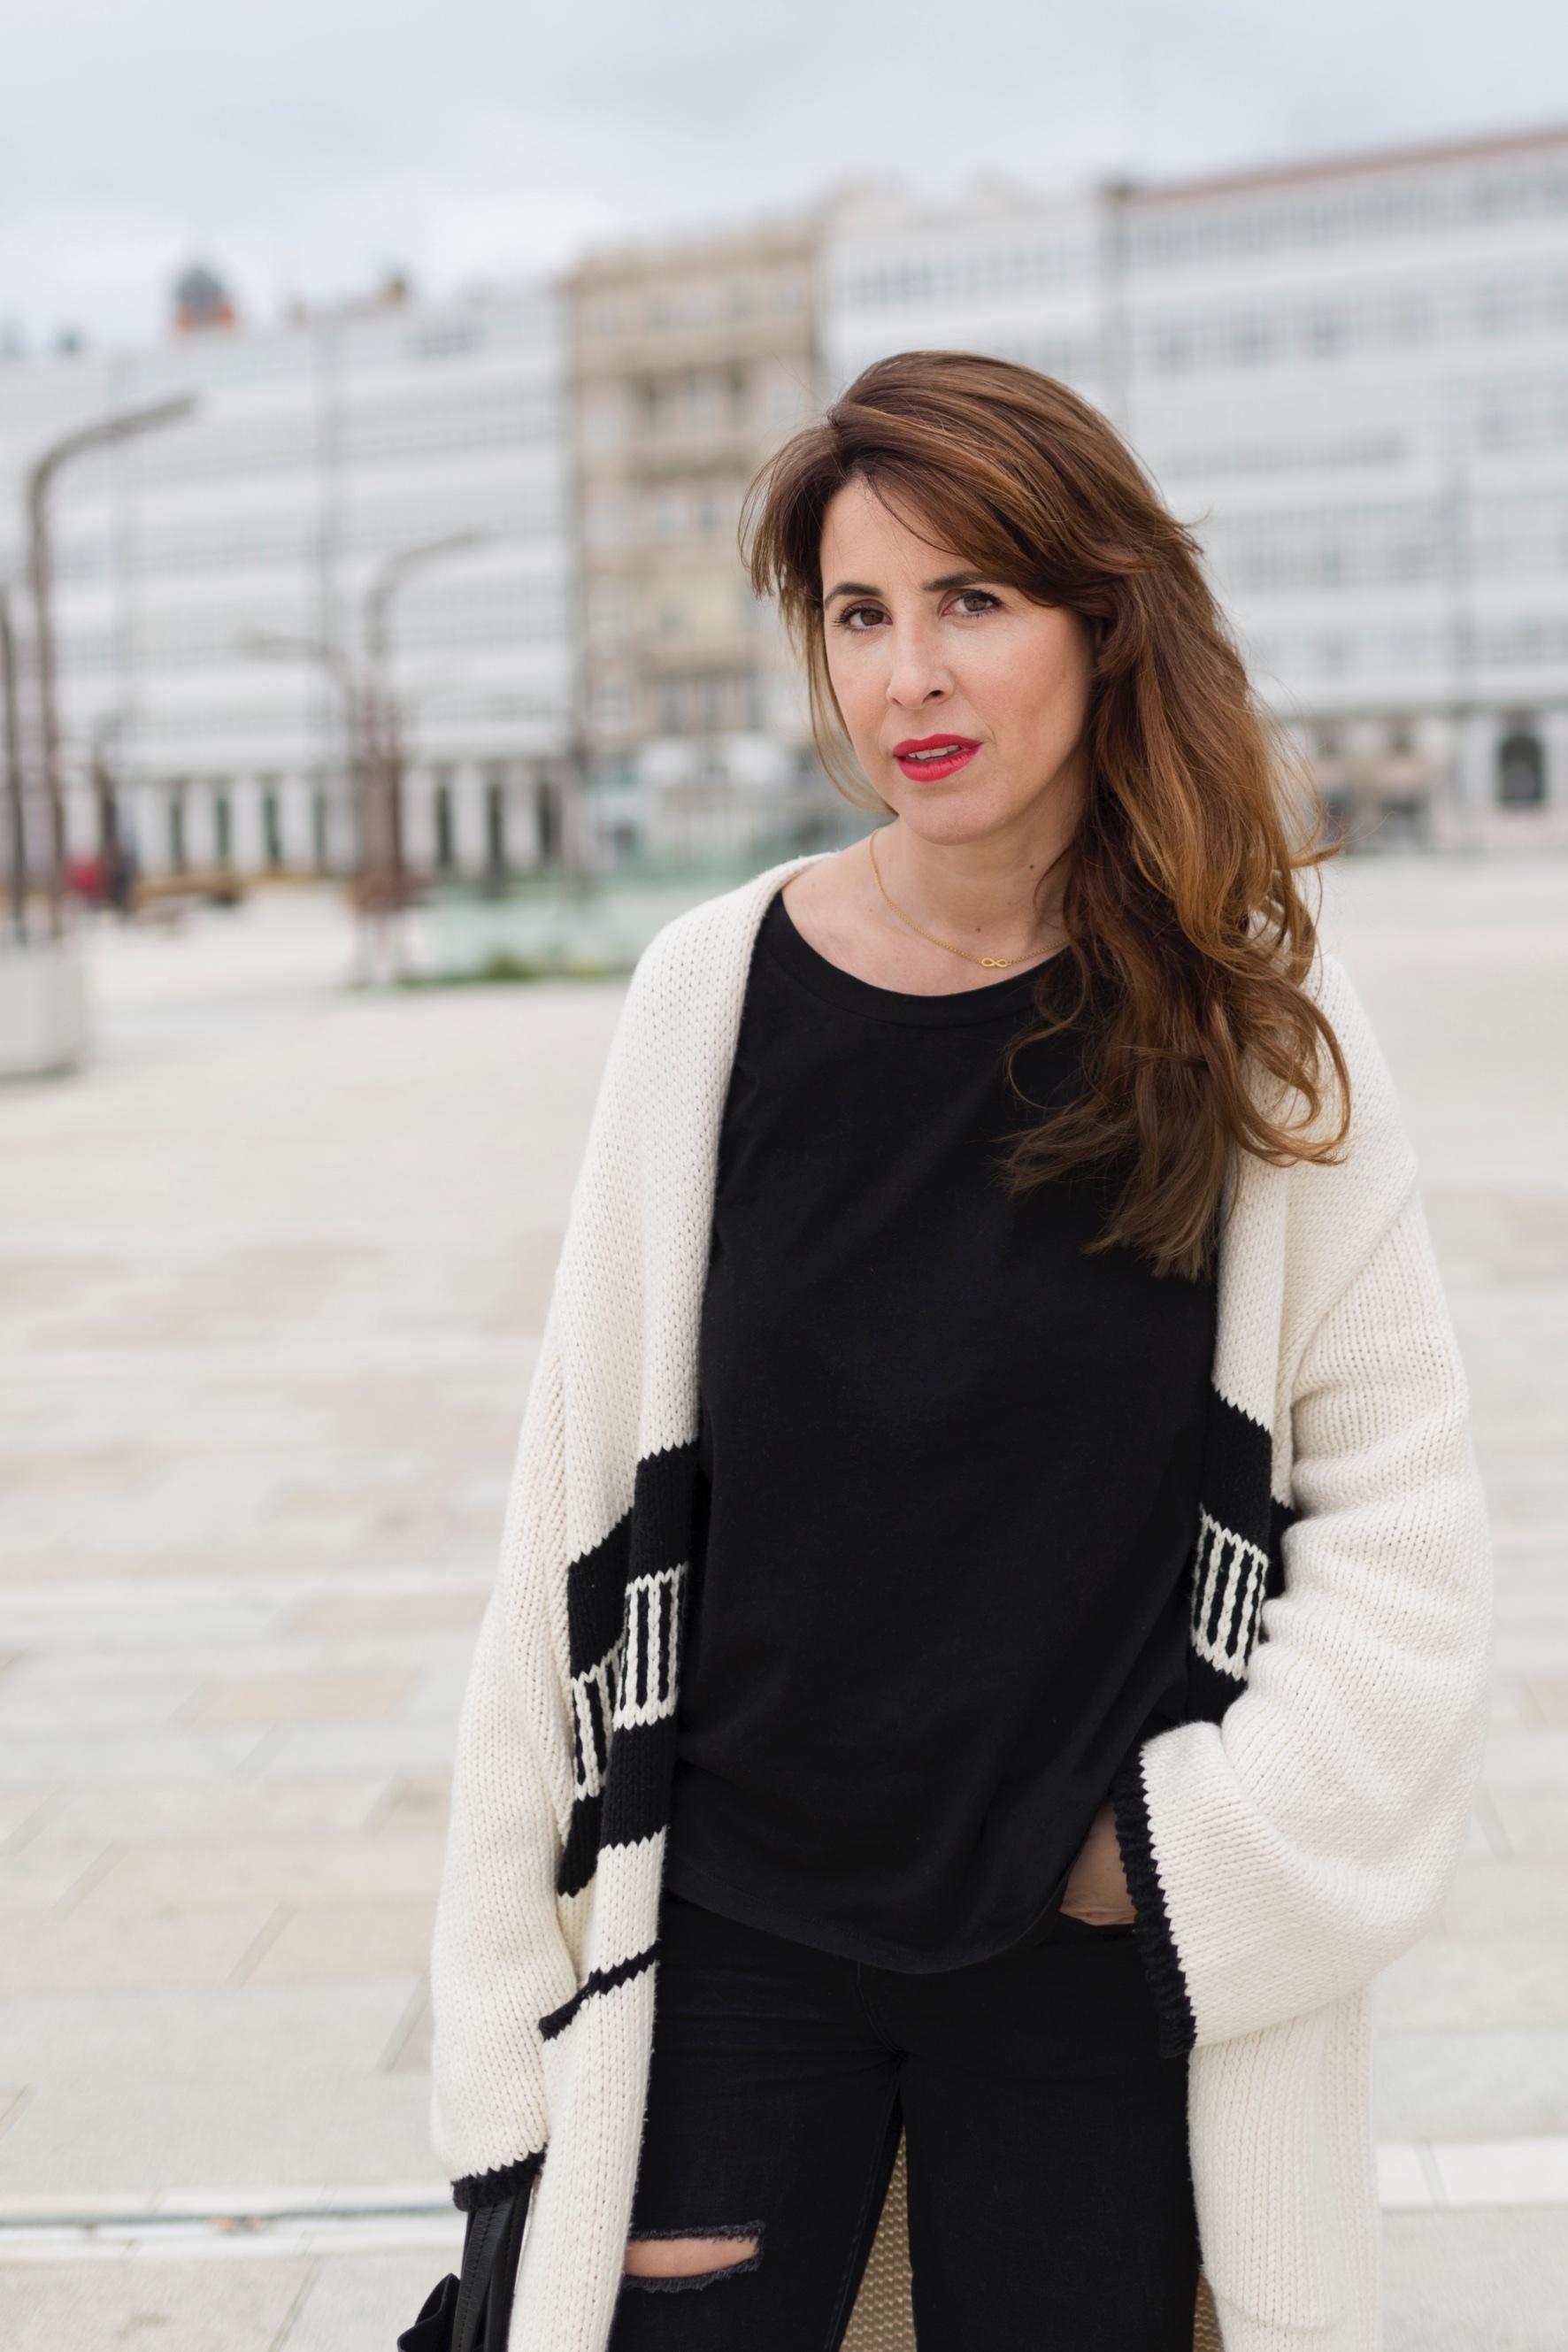 moda-calle-zara-look- coruña- streetstyle- blogger- ootd- descalzaporelparque